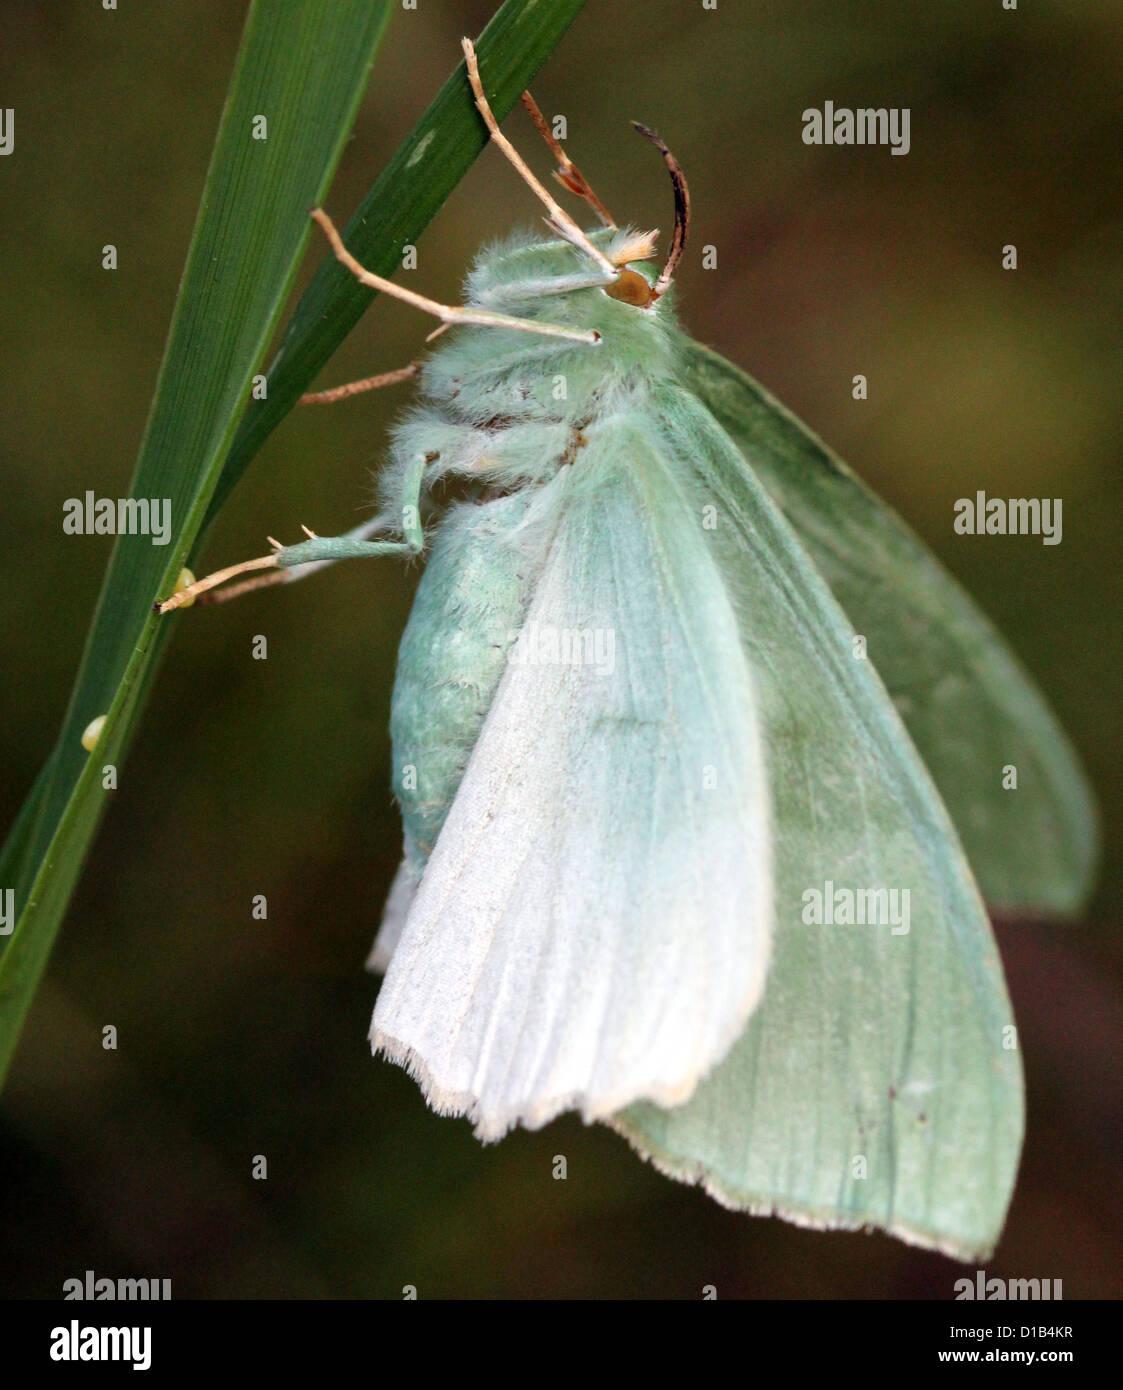 Extrem detaillierte Makro Bild eines großen Smaragd Schmetterlings (Geometra Papilionaria) Eiablage auf einem Stockbild